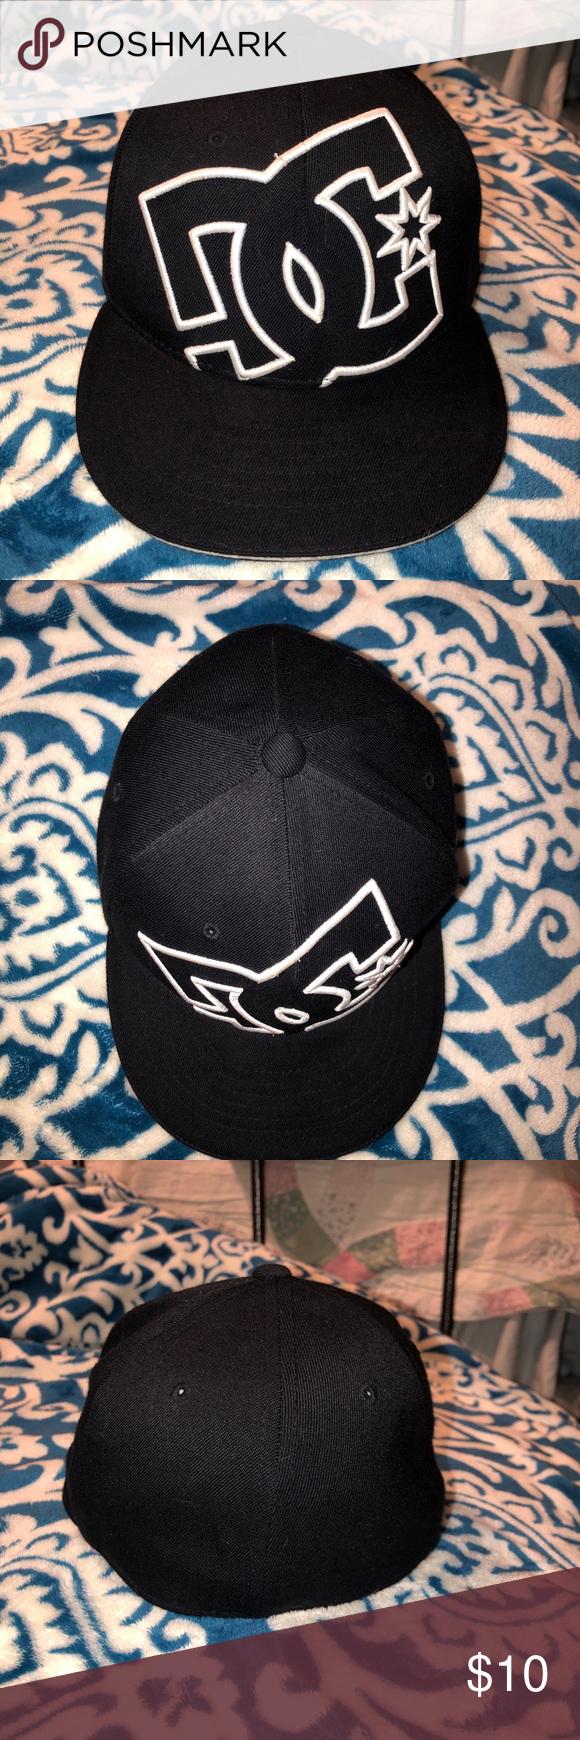 Custom Baseball Cap From Lids Size 6 1 2 6 7 8 Baseball Cap Custom Baseballs Cap